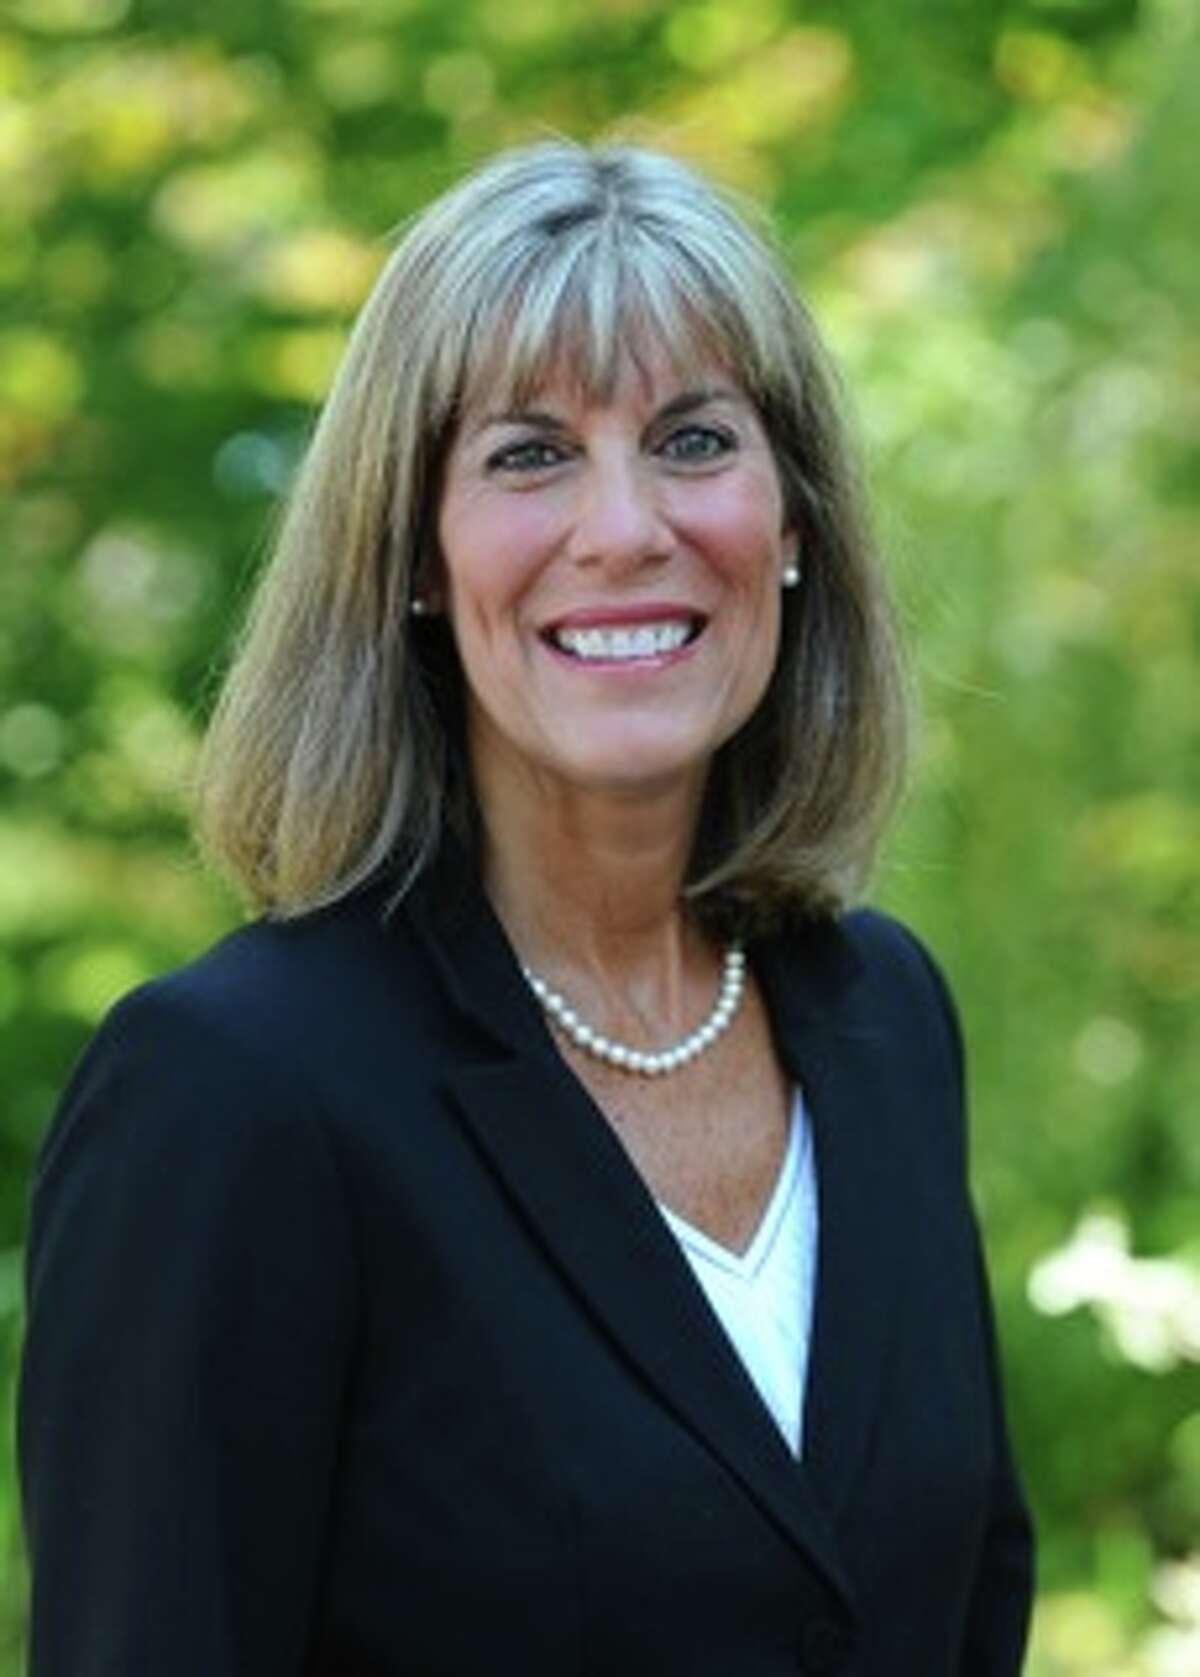 State Sen. Daphne Jordan.